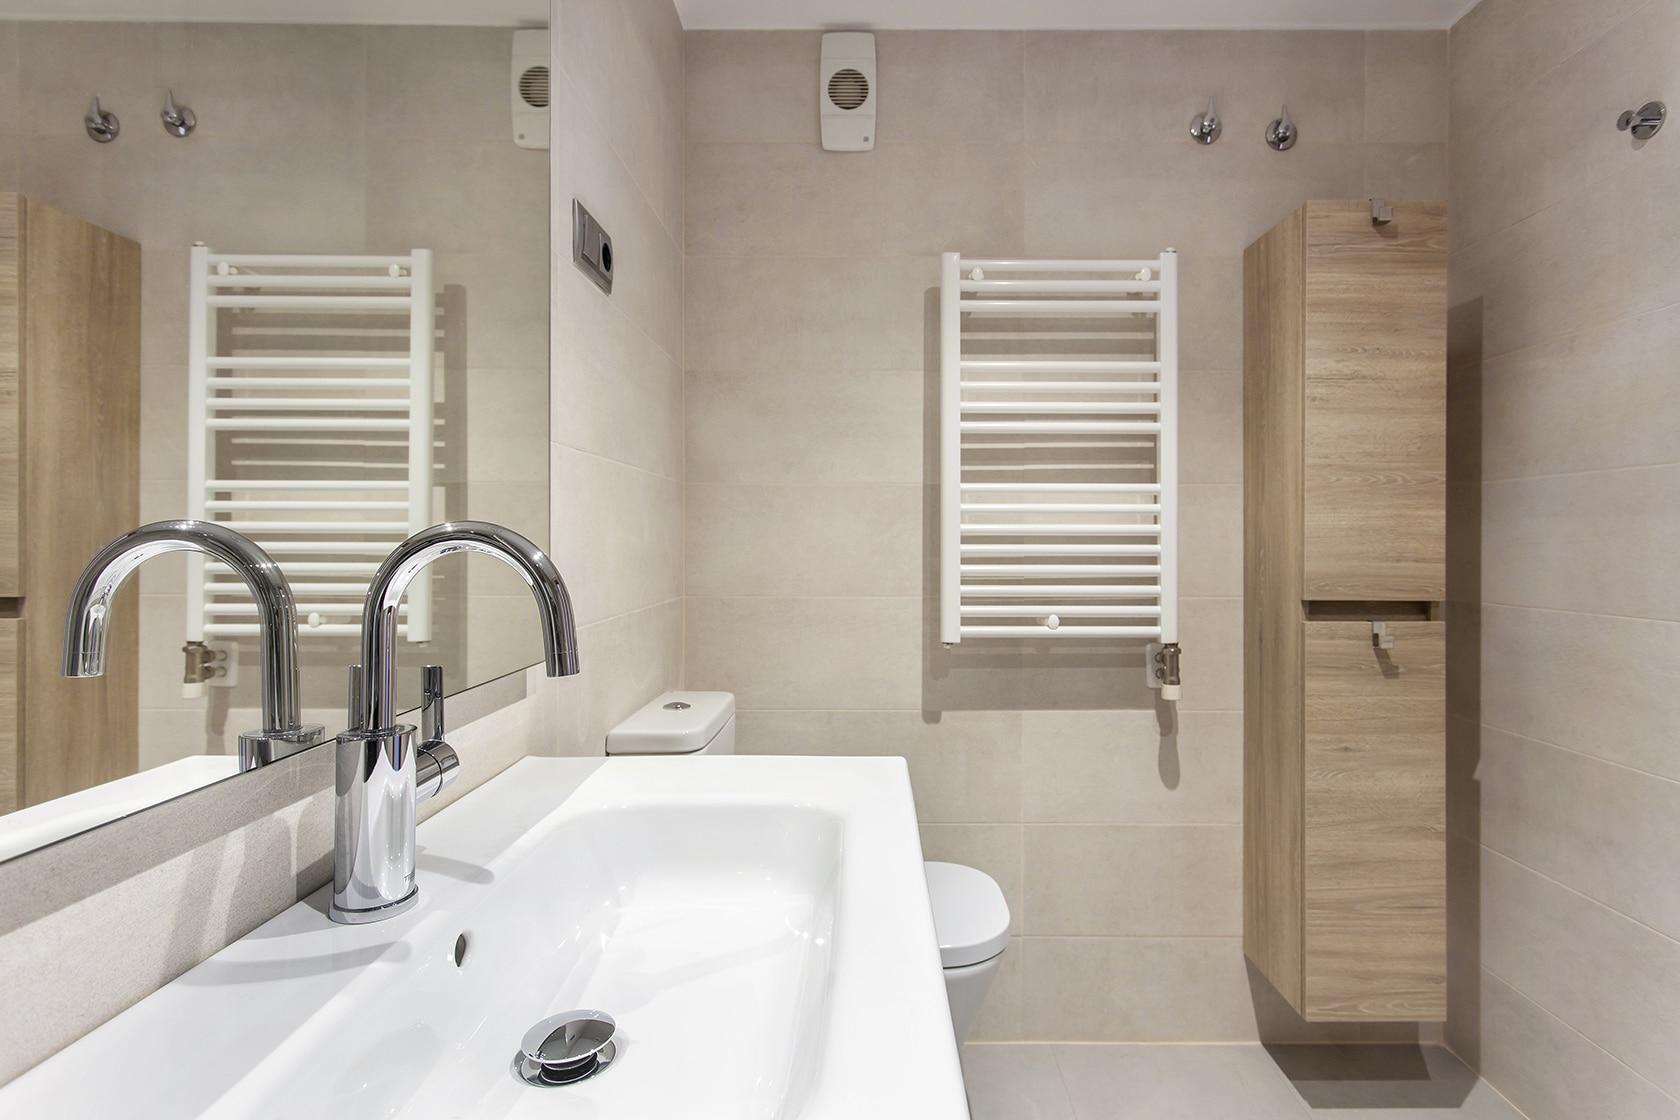 Armario, pica y toallero del baño